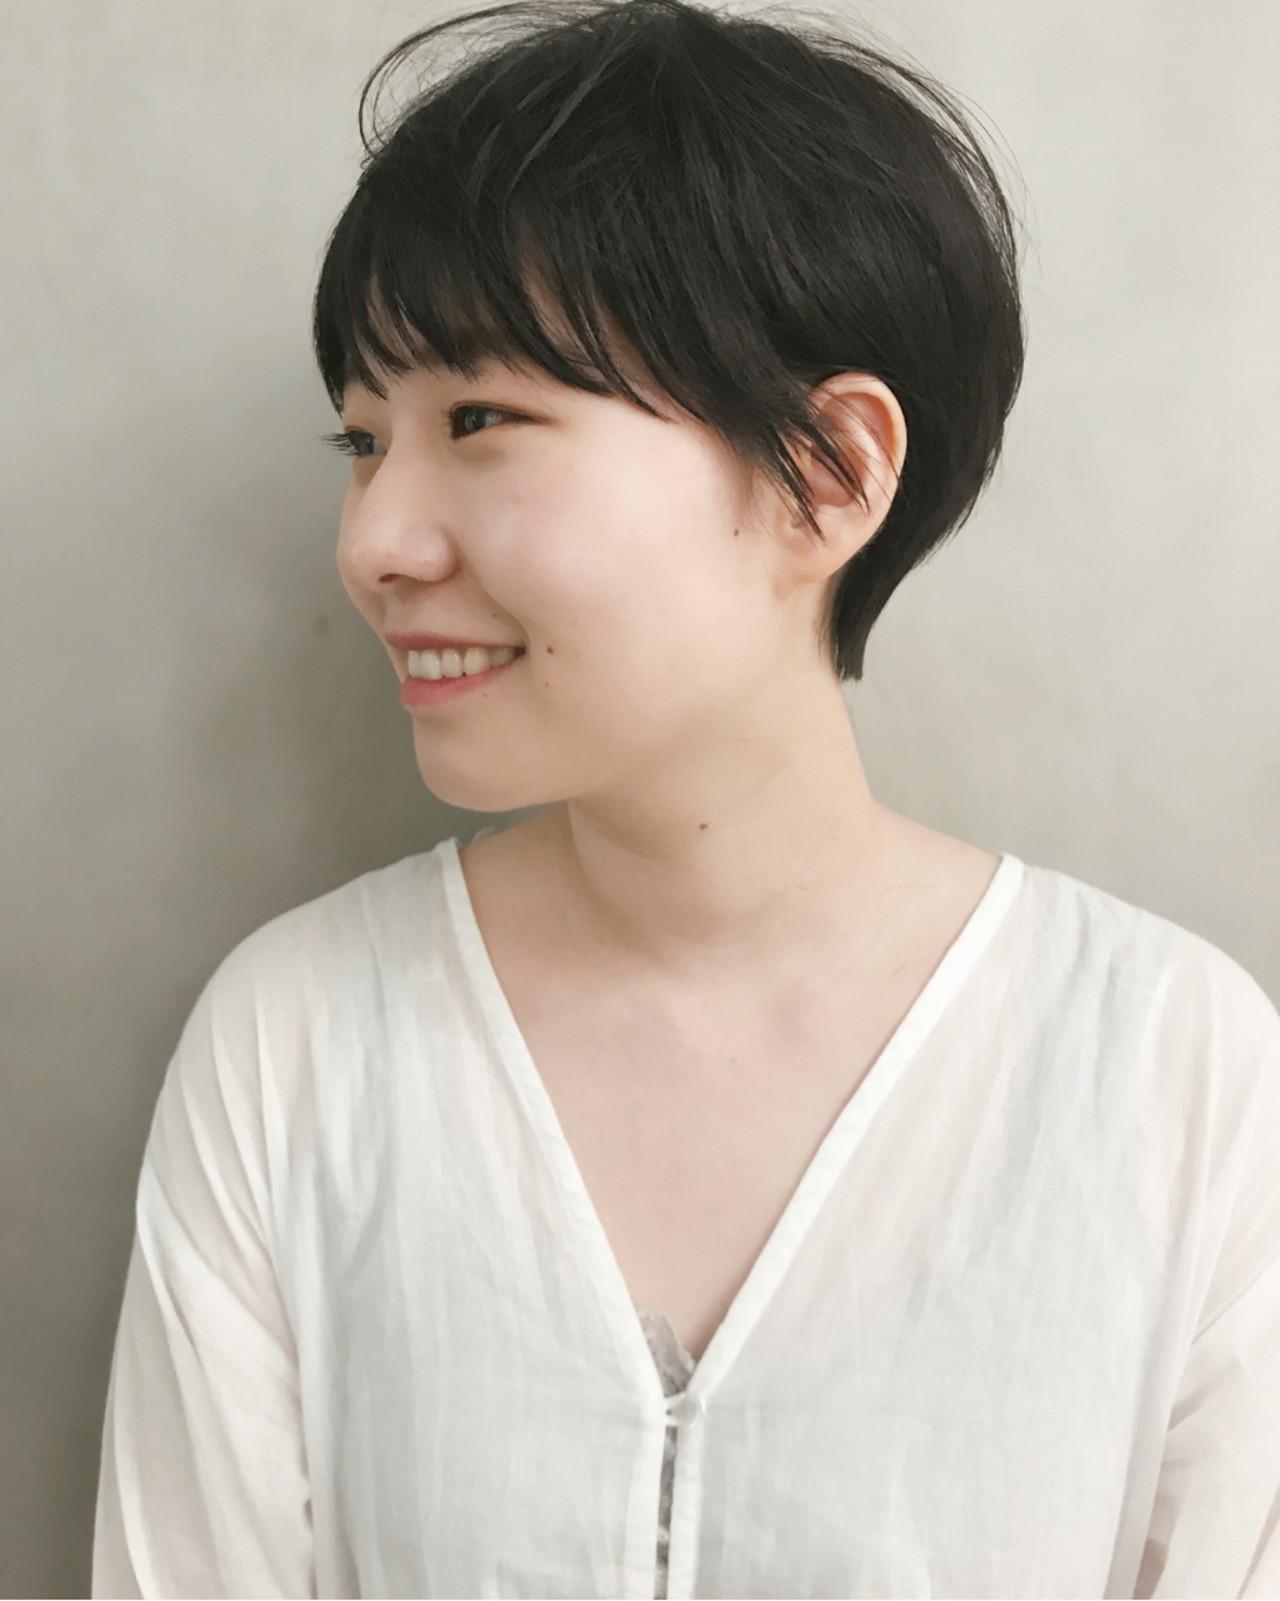 ナチュラル 黒髪 ショート ヘアスタイルや髪型の写真・画像 | 仙頭郁弥 / LIM+LIM